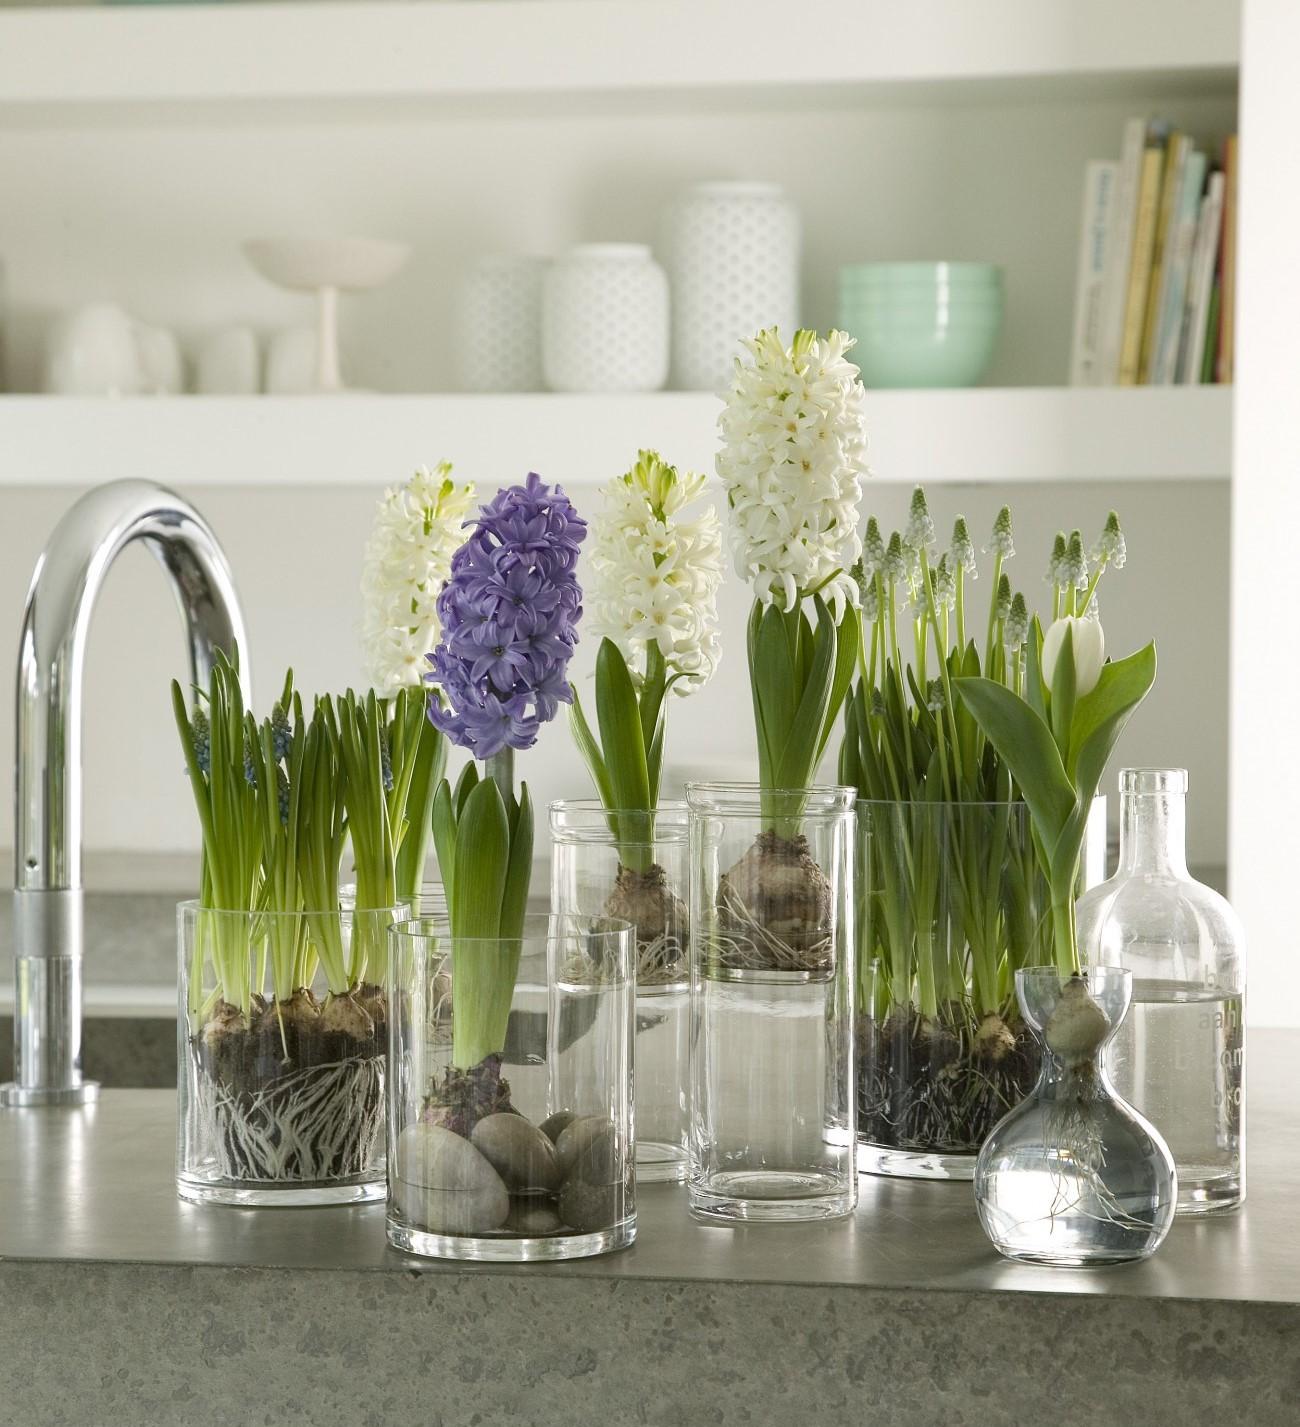 Plantas de interior - jacintos